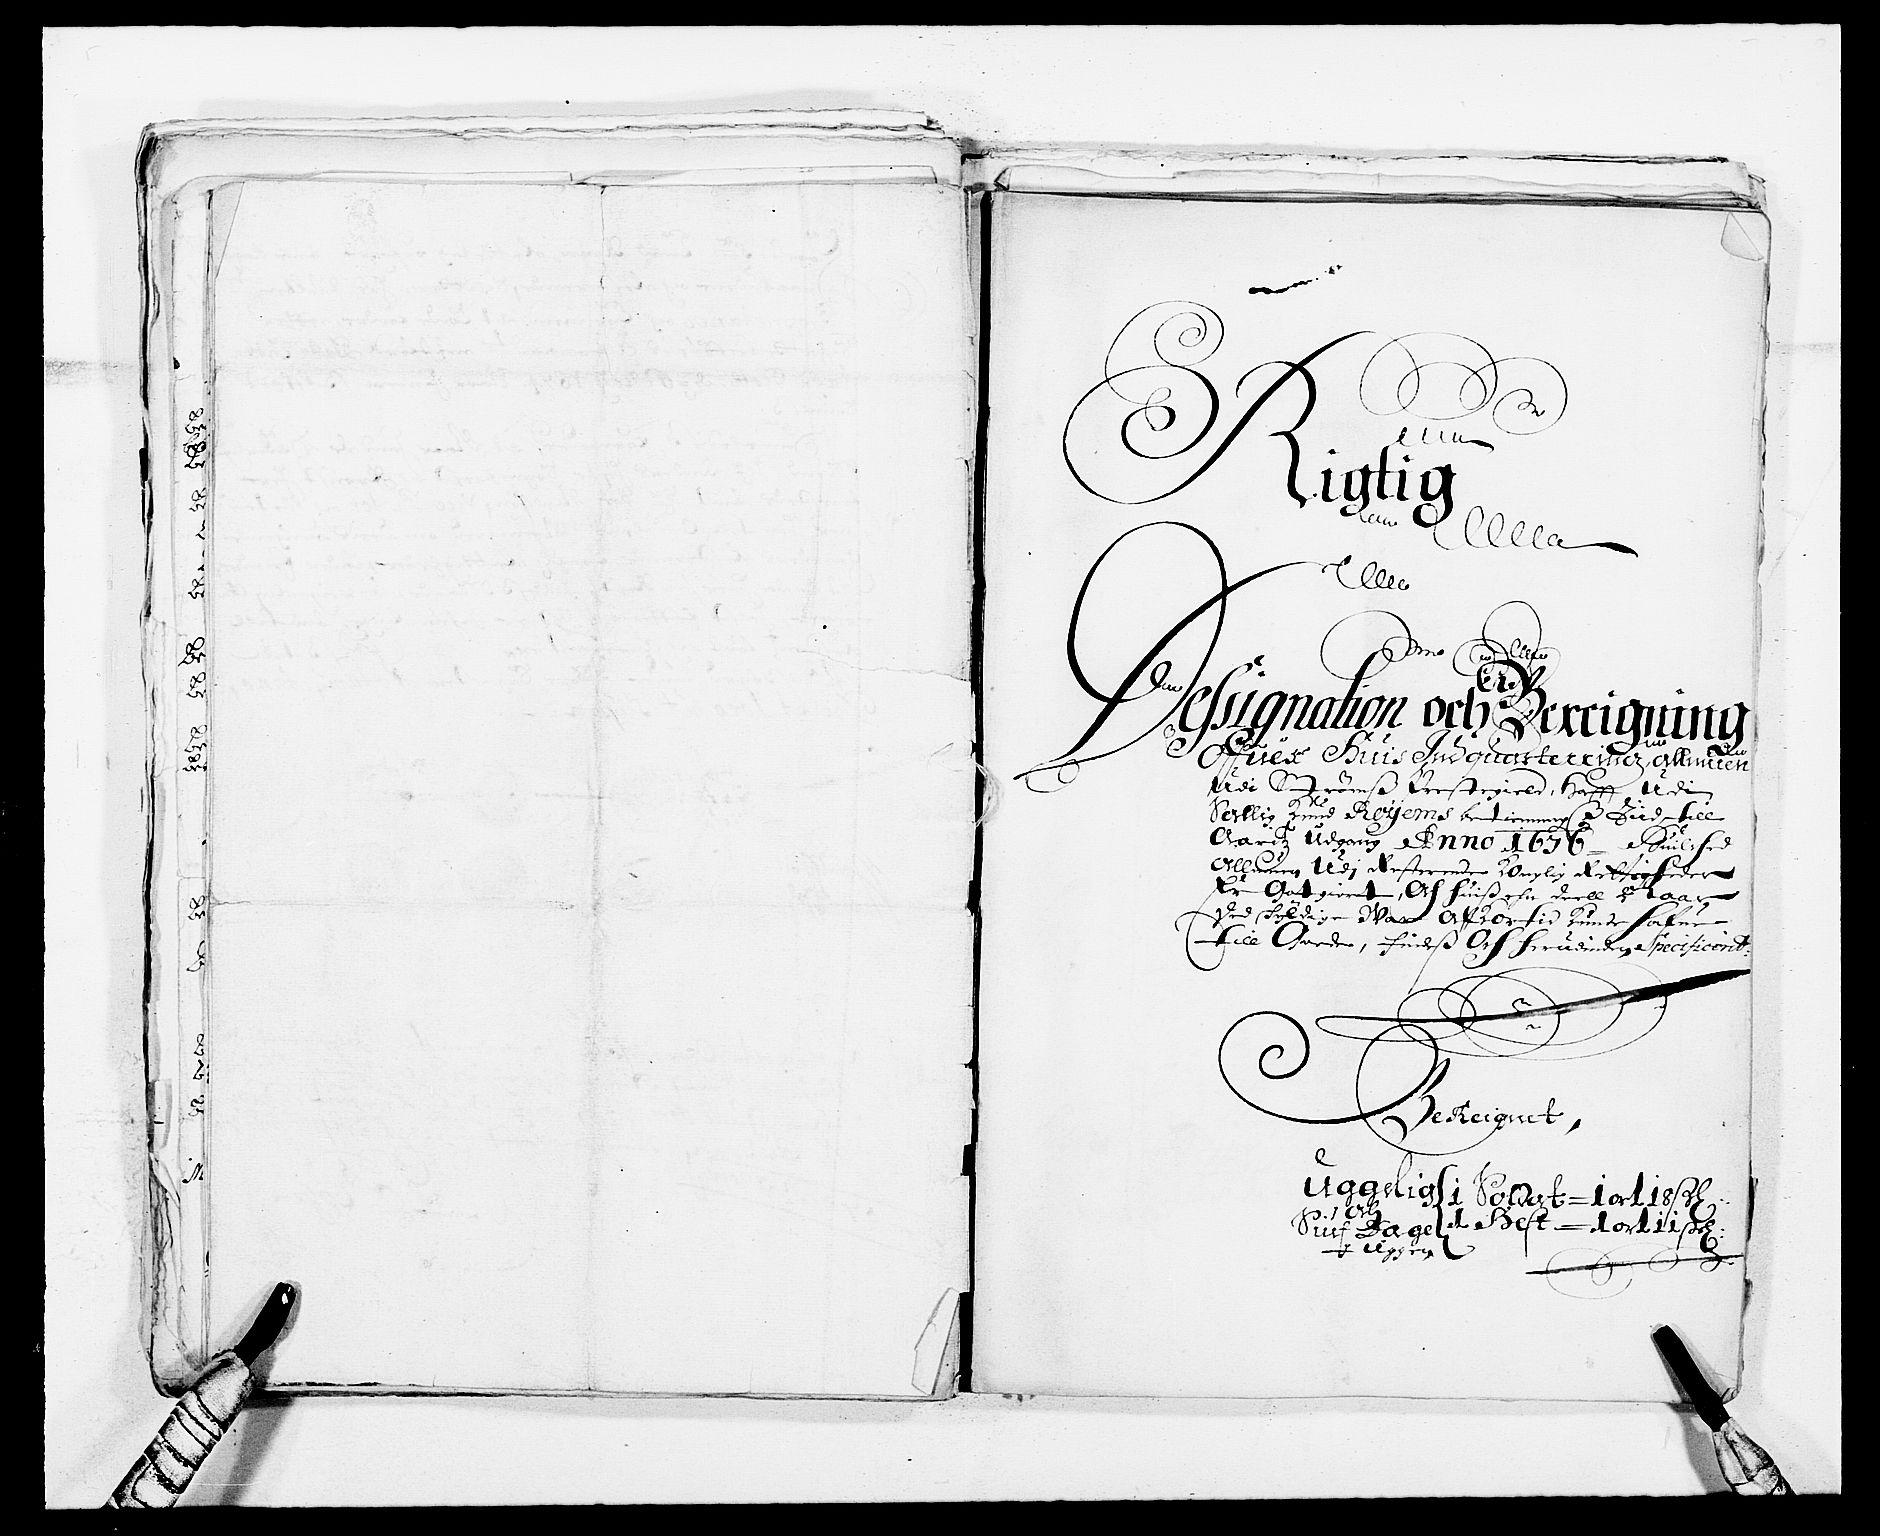 RA, Rentekammeret inntil 1814, Reviderte regnskaper, Fogderegnskap, R13/L0812: Fogderegnskap Solør, Odal og Østerdal, 1676, s. 171